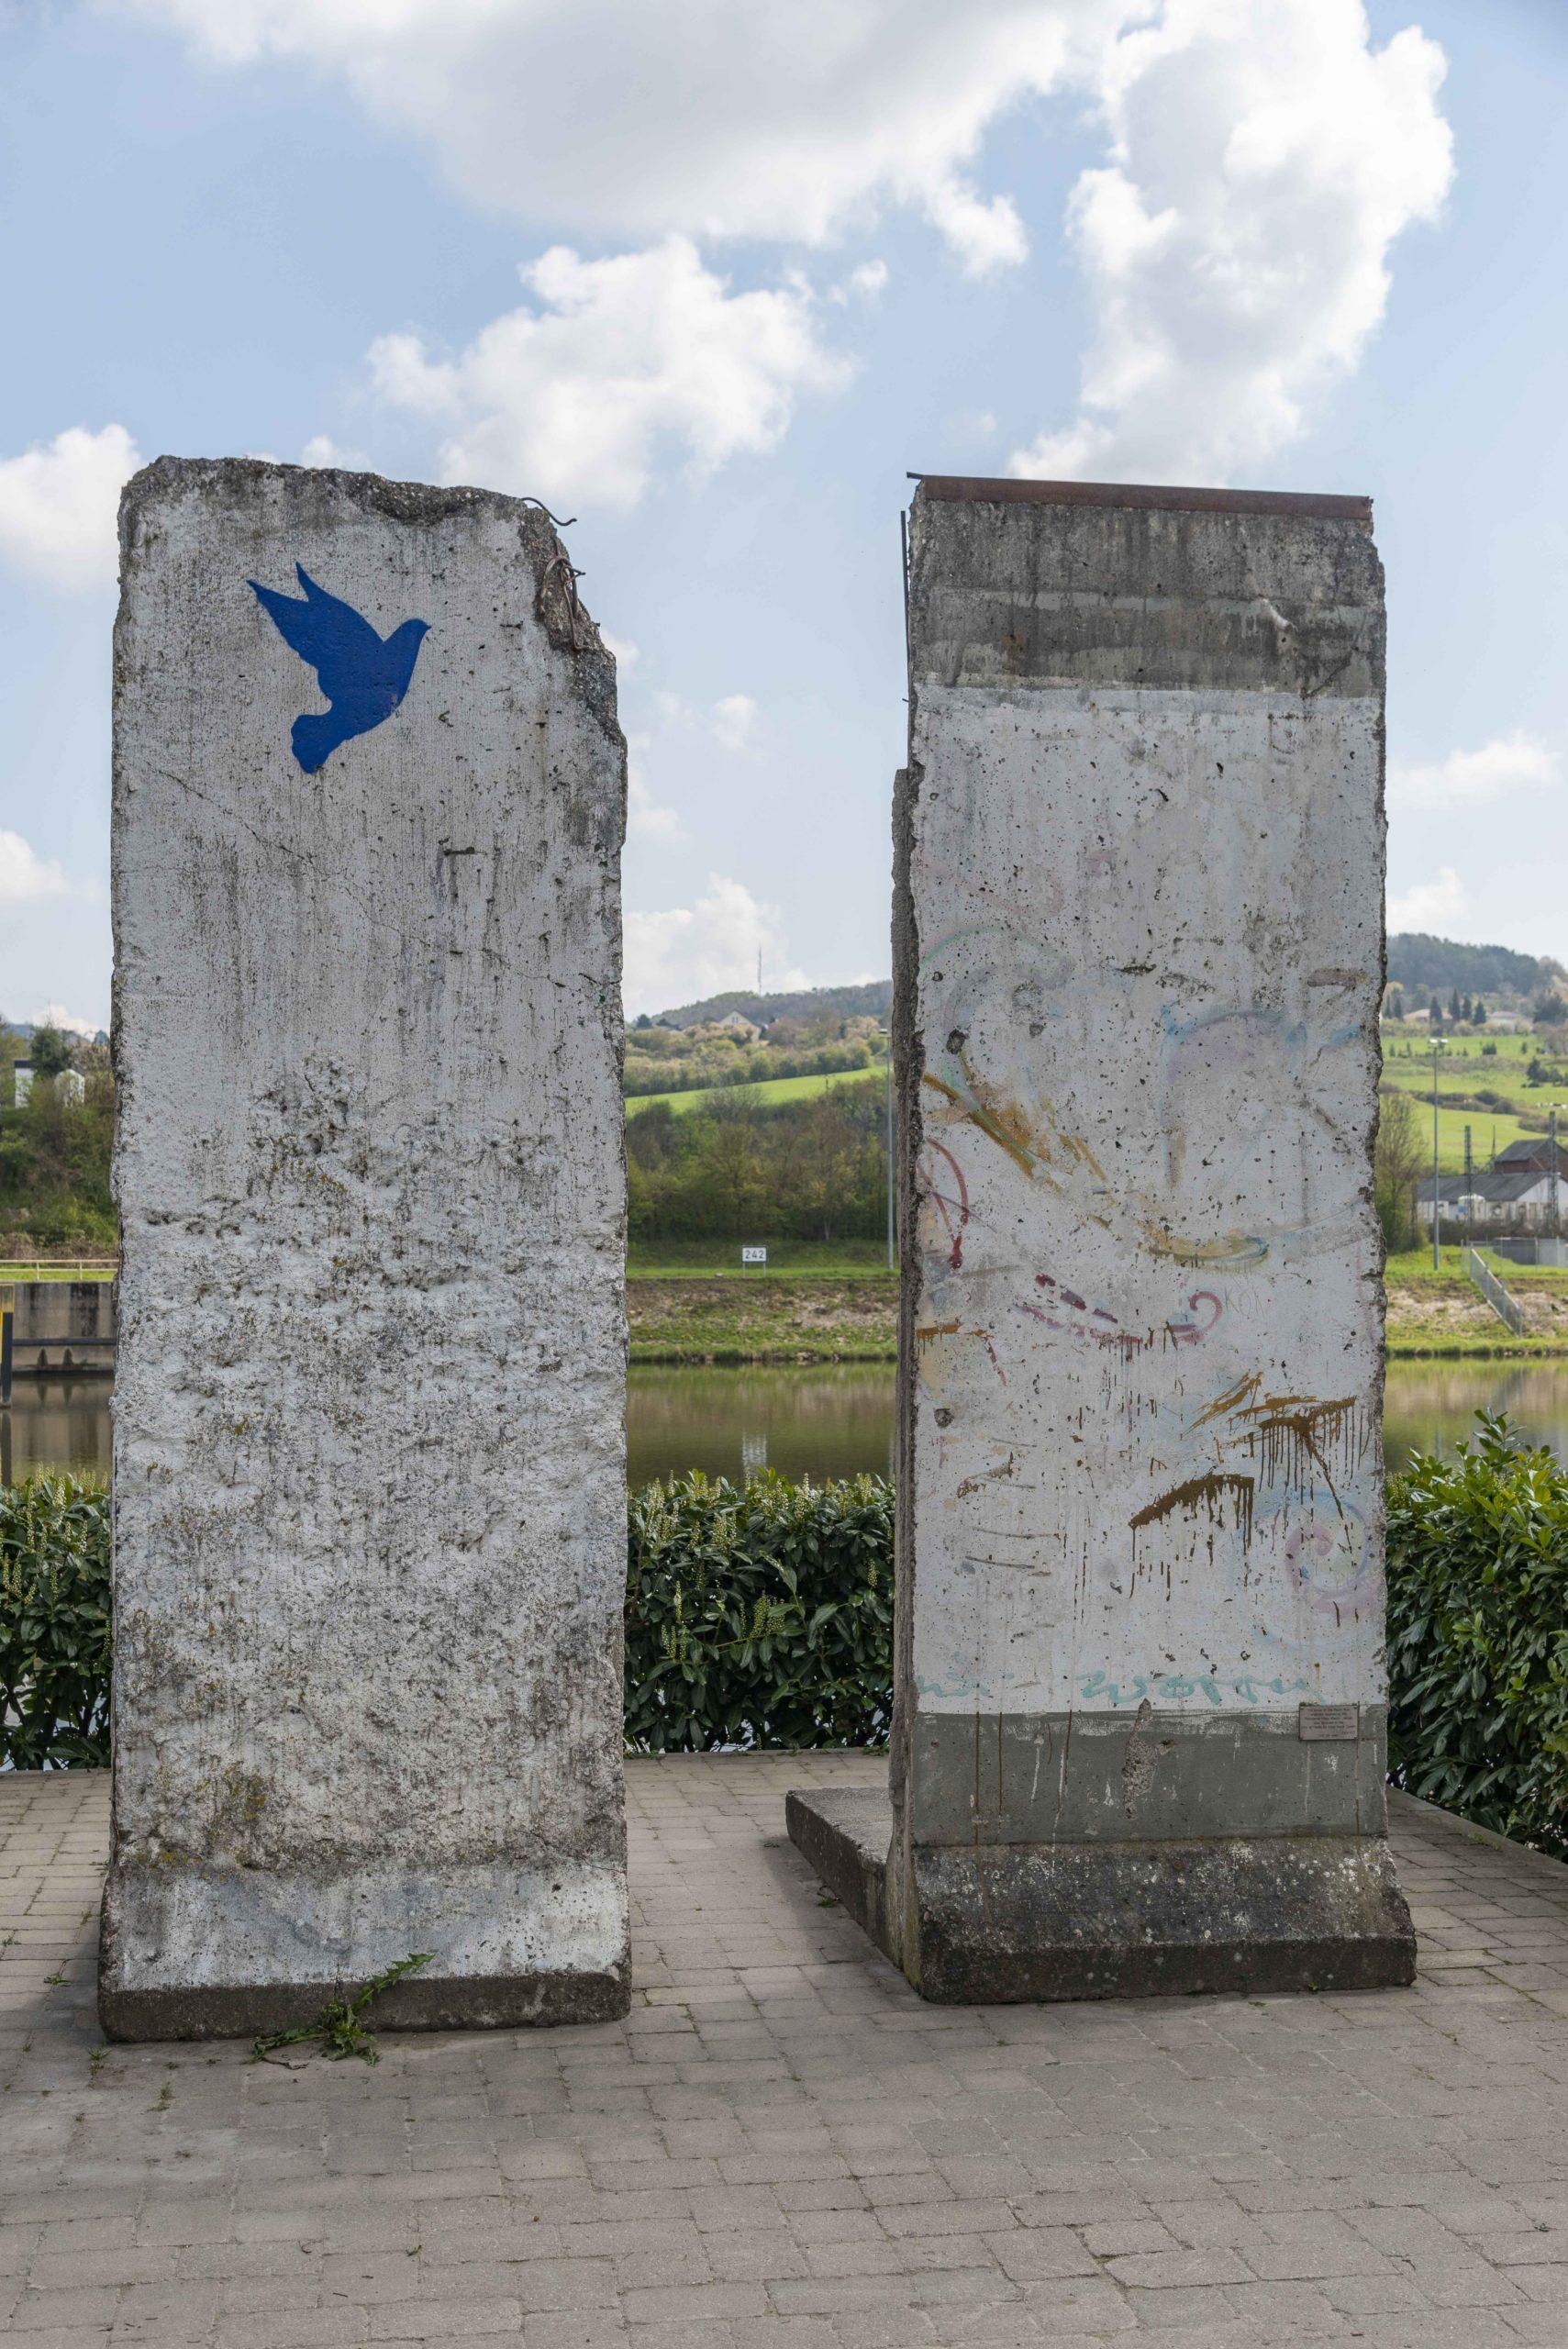 Teile der Berliner Mauer in Schengen